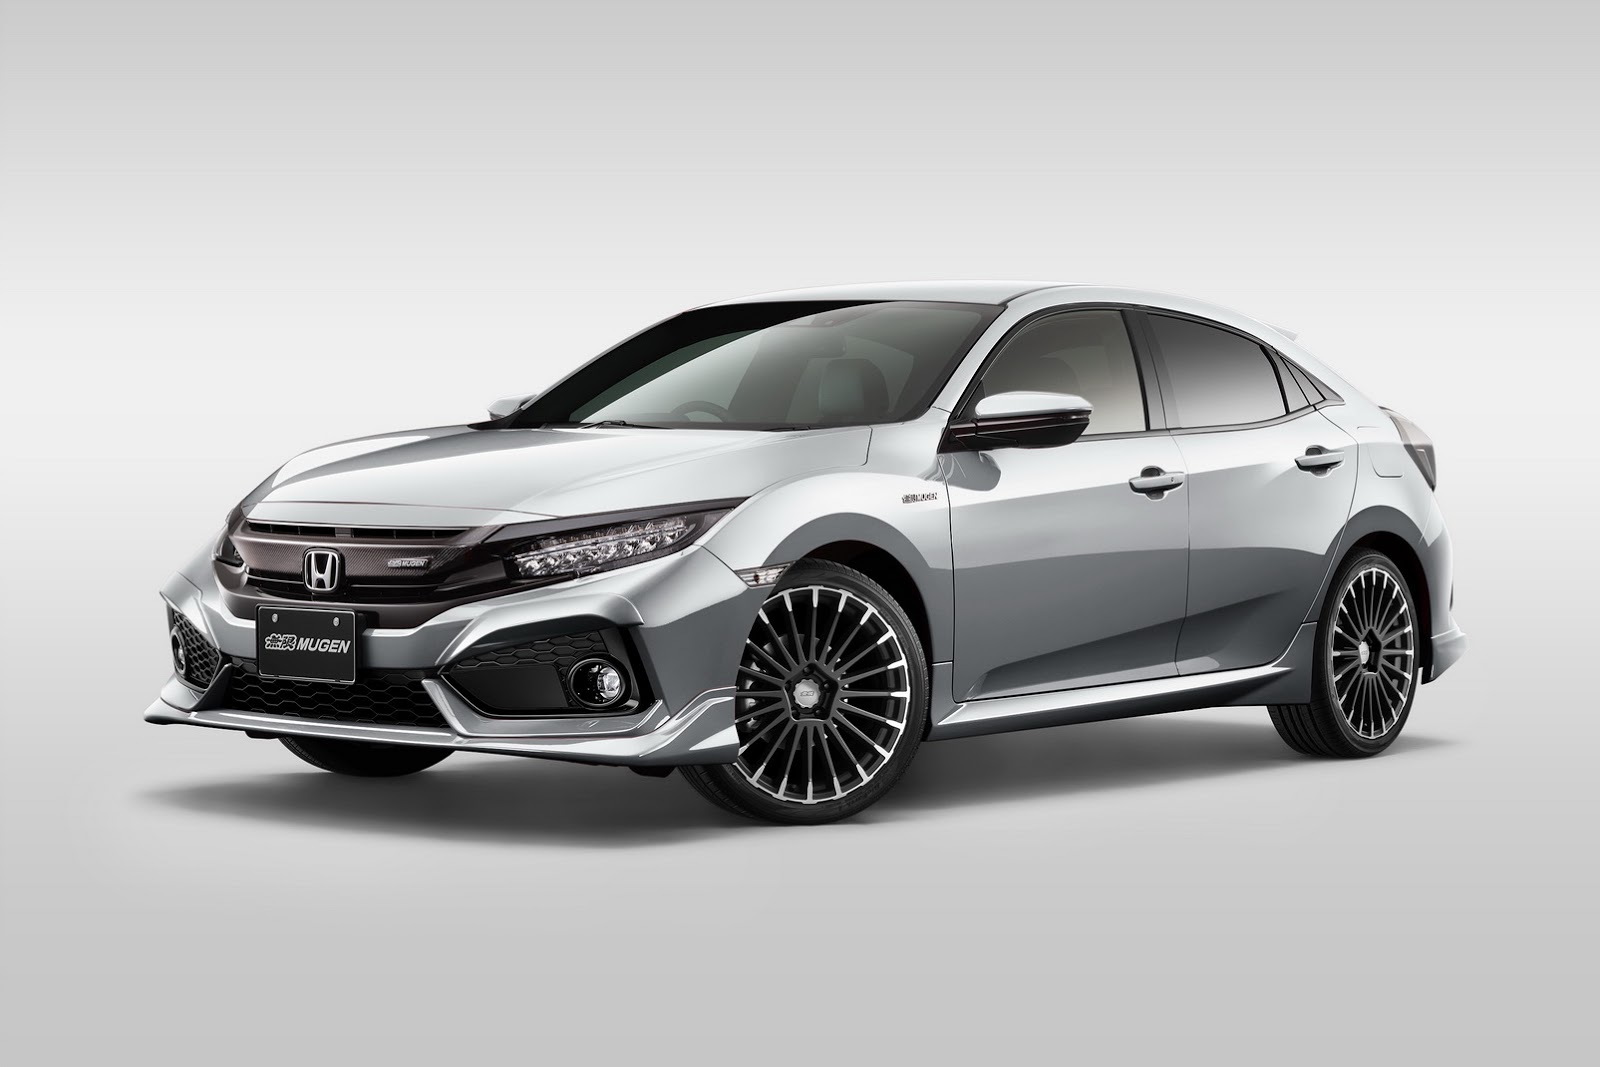 Honda_Civic_by_Mugen_0007